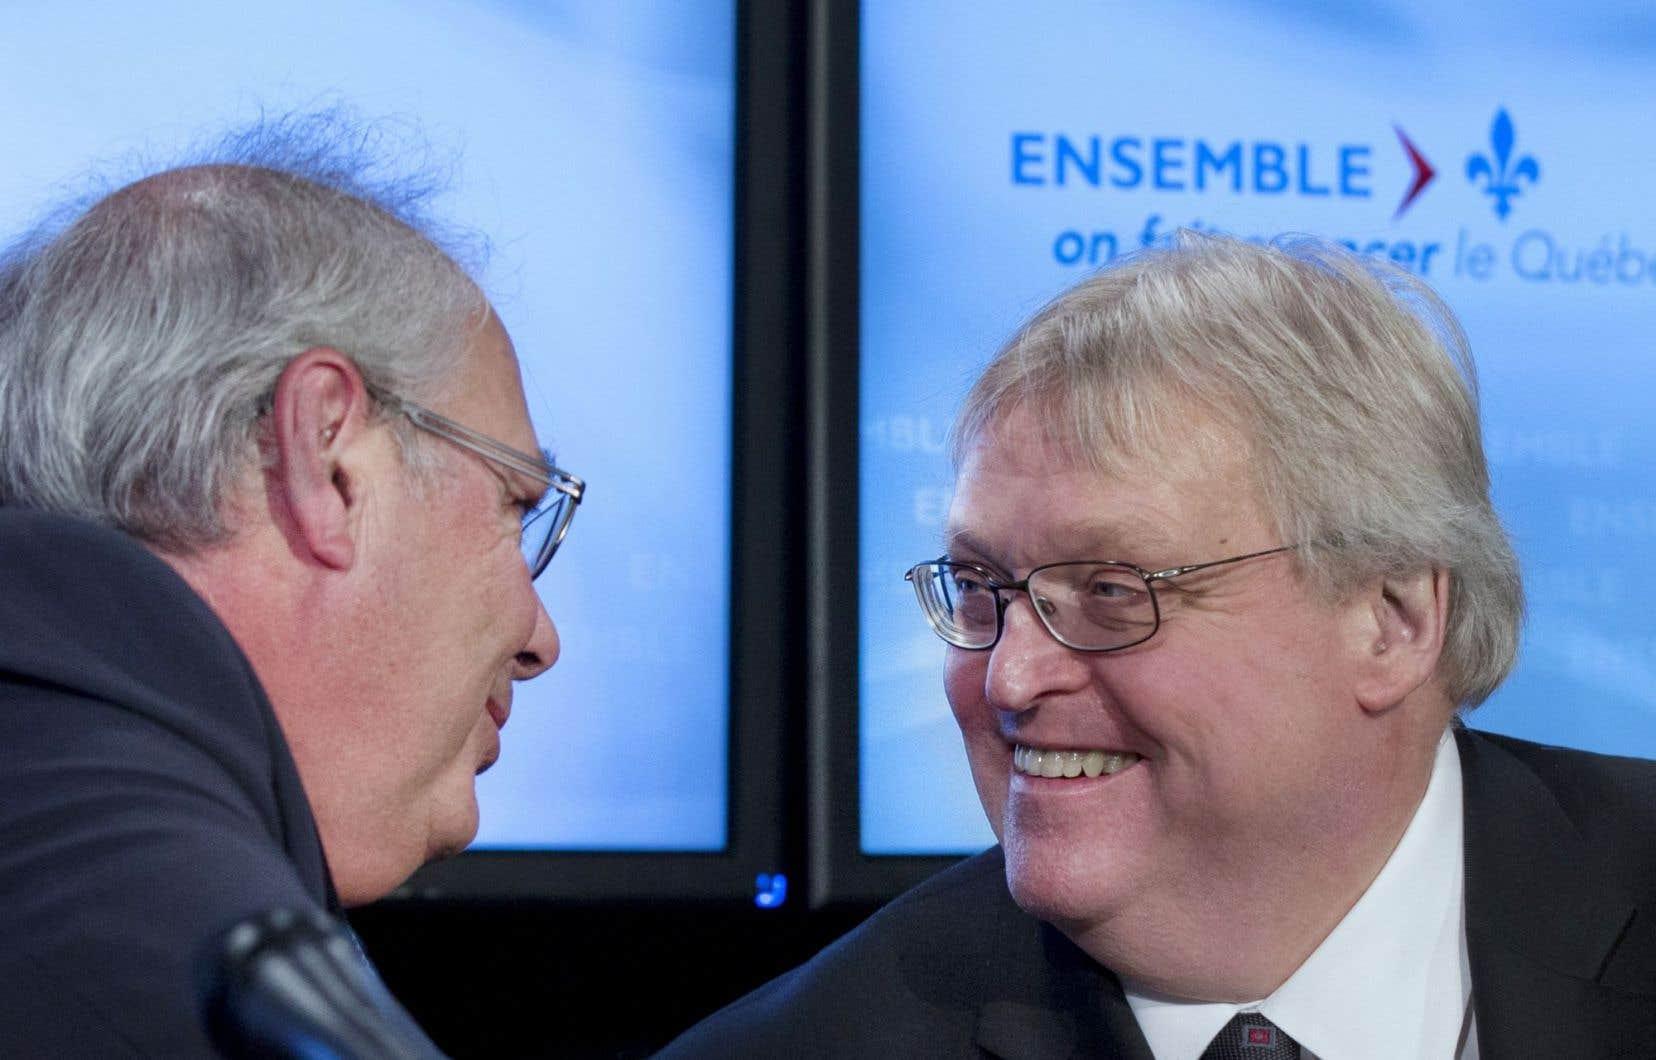 Le président de la Fédération des médecins omnipraticiens du Québec, Louis Godin, et le ministre de la Santé, Gaétan Barrette